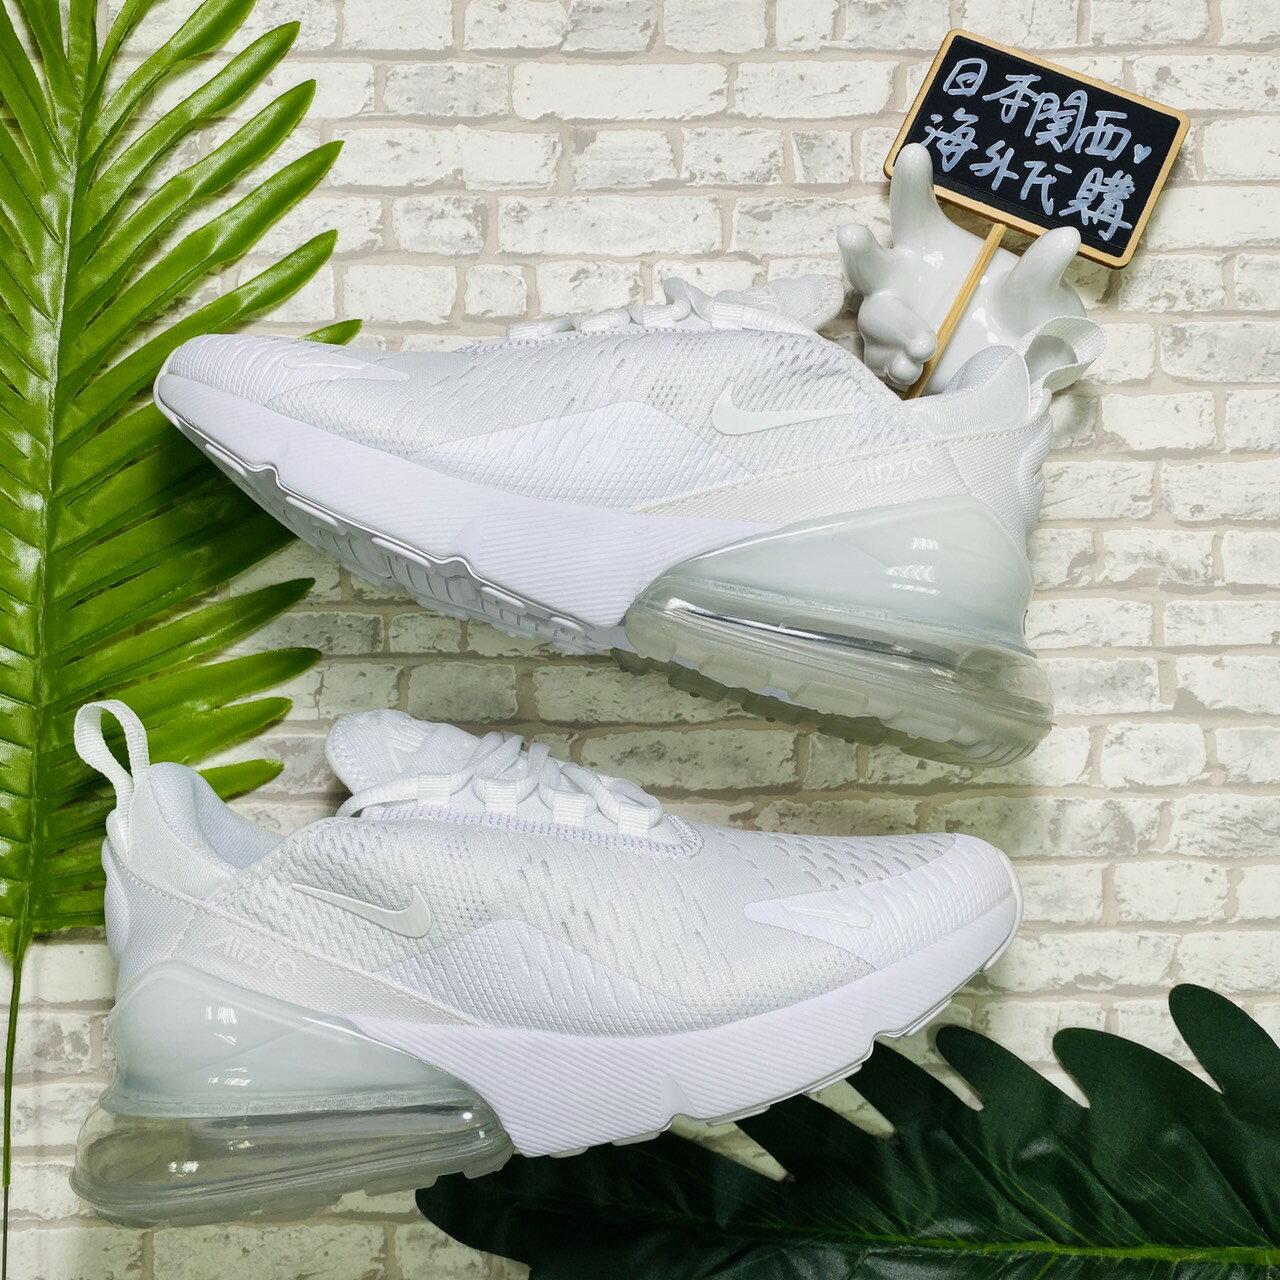 【日本海外代購】Nike Air Max 270 全白 氣墊 網面透氣 白色 白勾 冰藍 男女 AH8050101